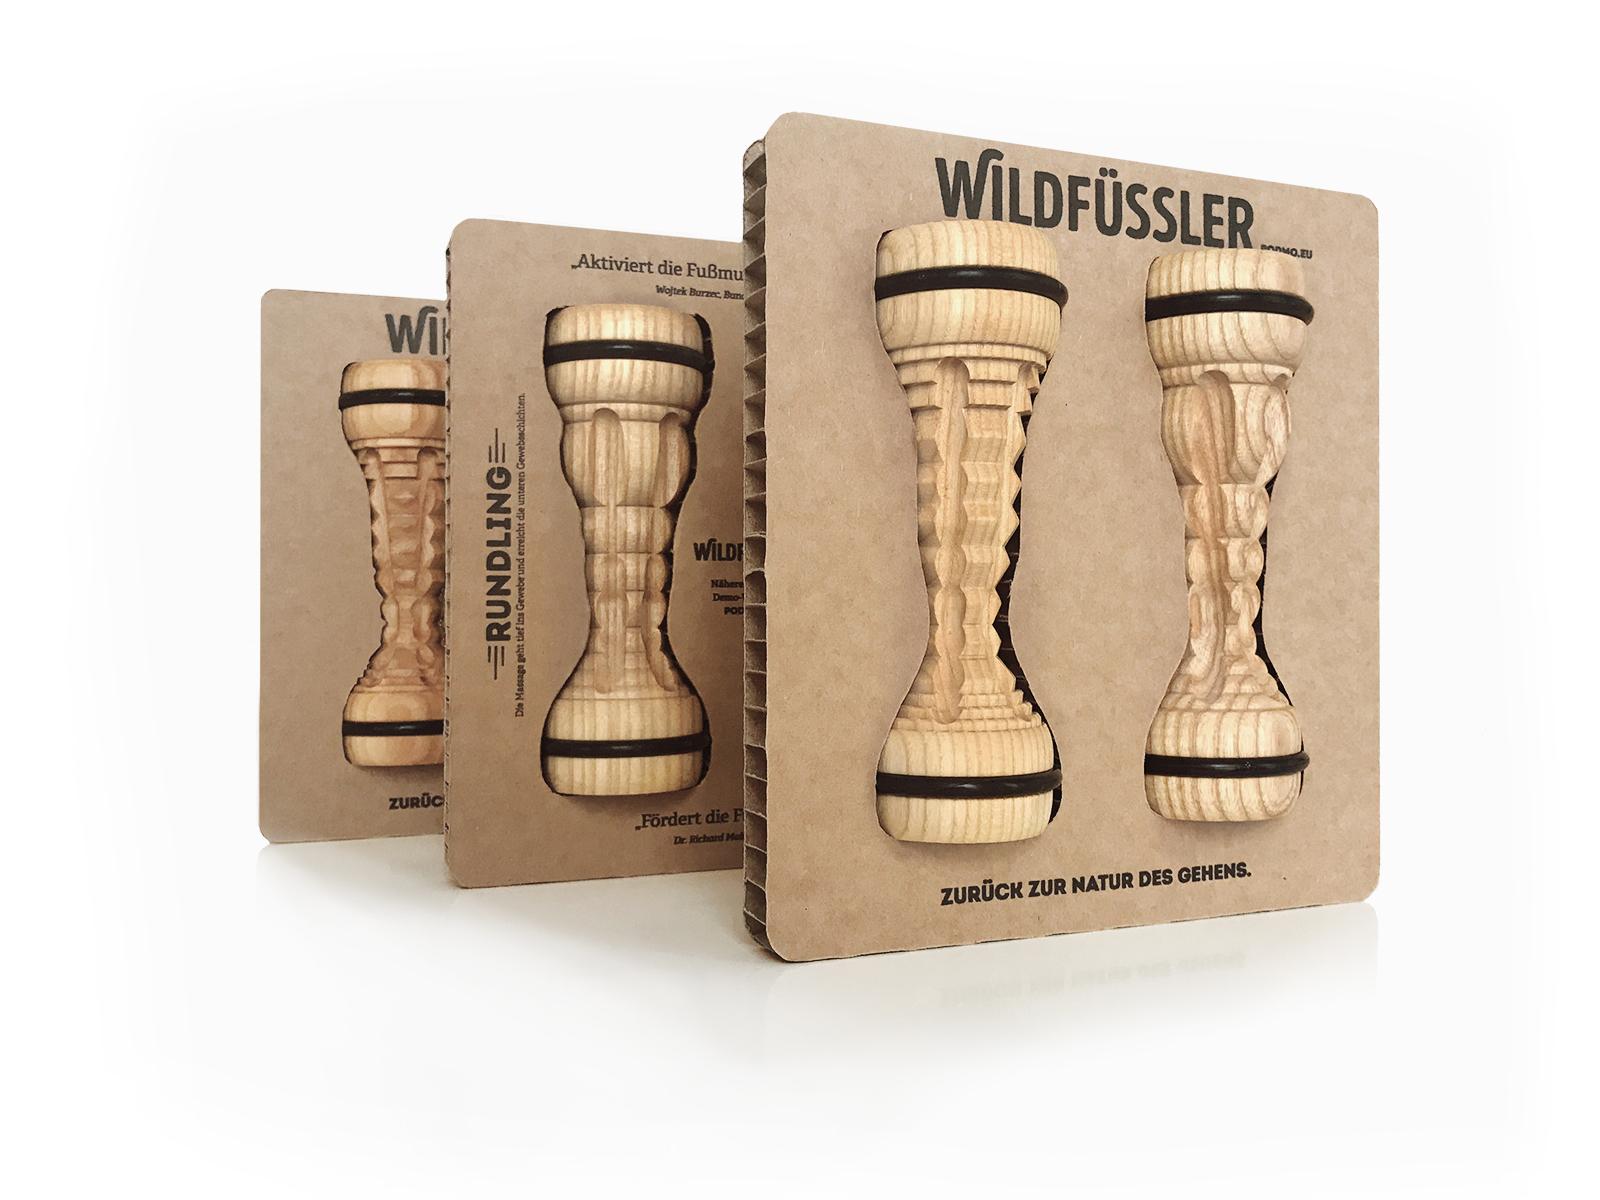 packaging-auf-weiss